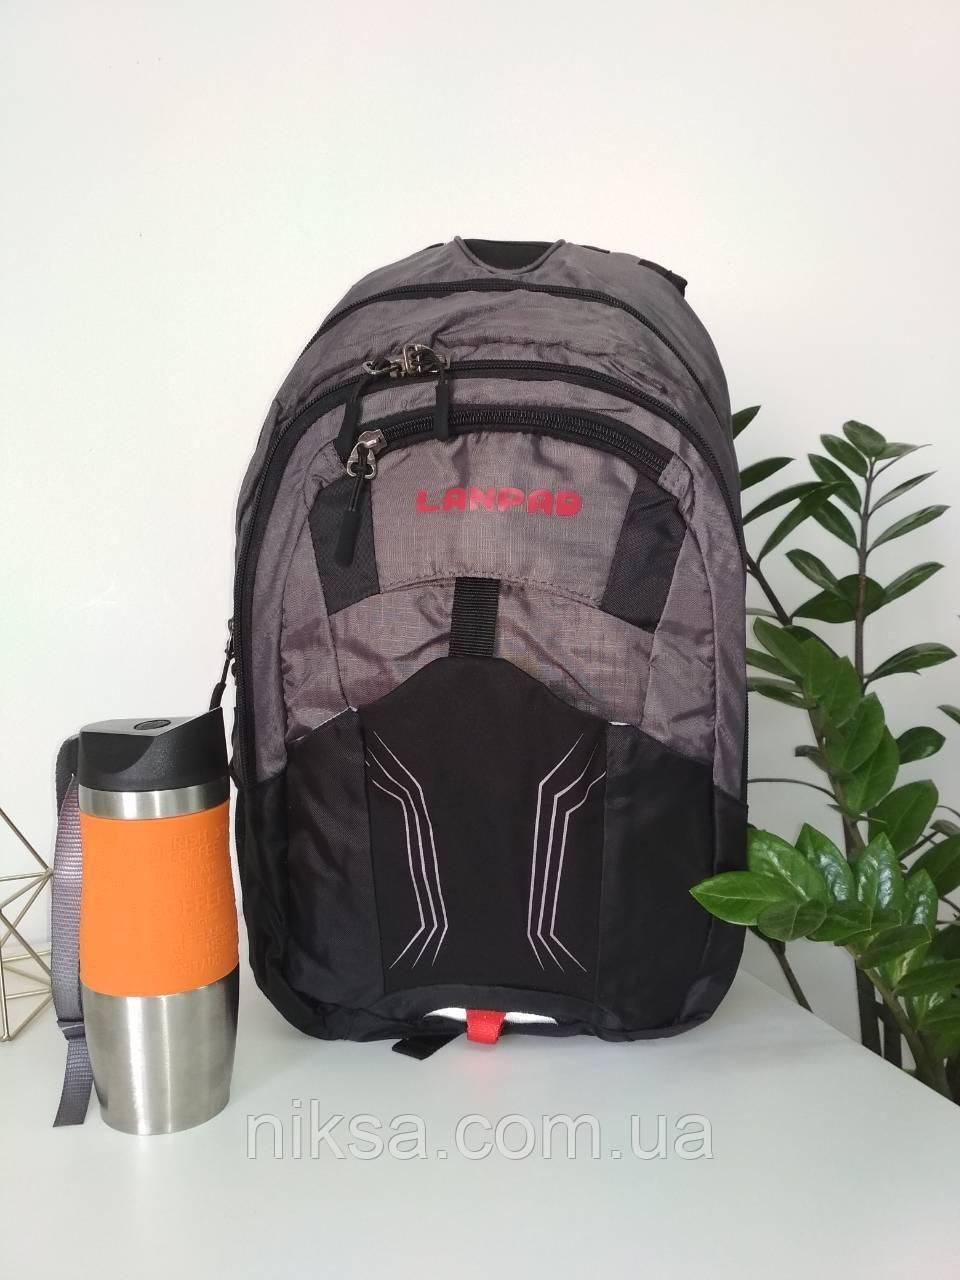 Рюкзак городской Lanpad хорошее качество размер 46x30x16